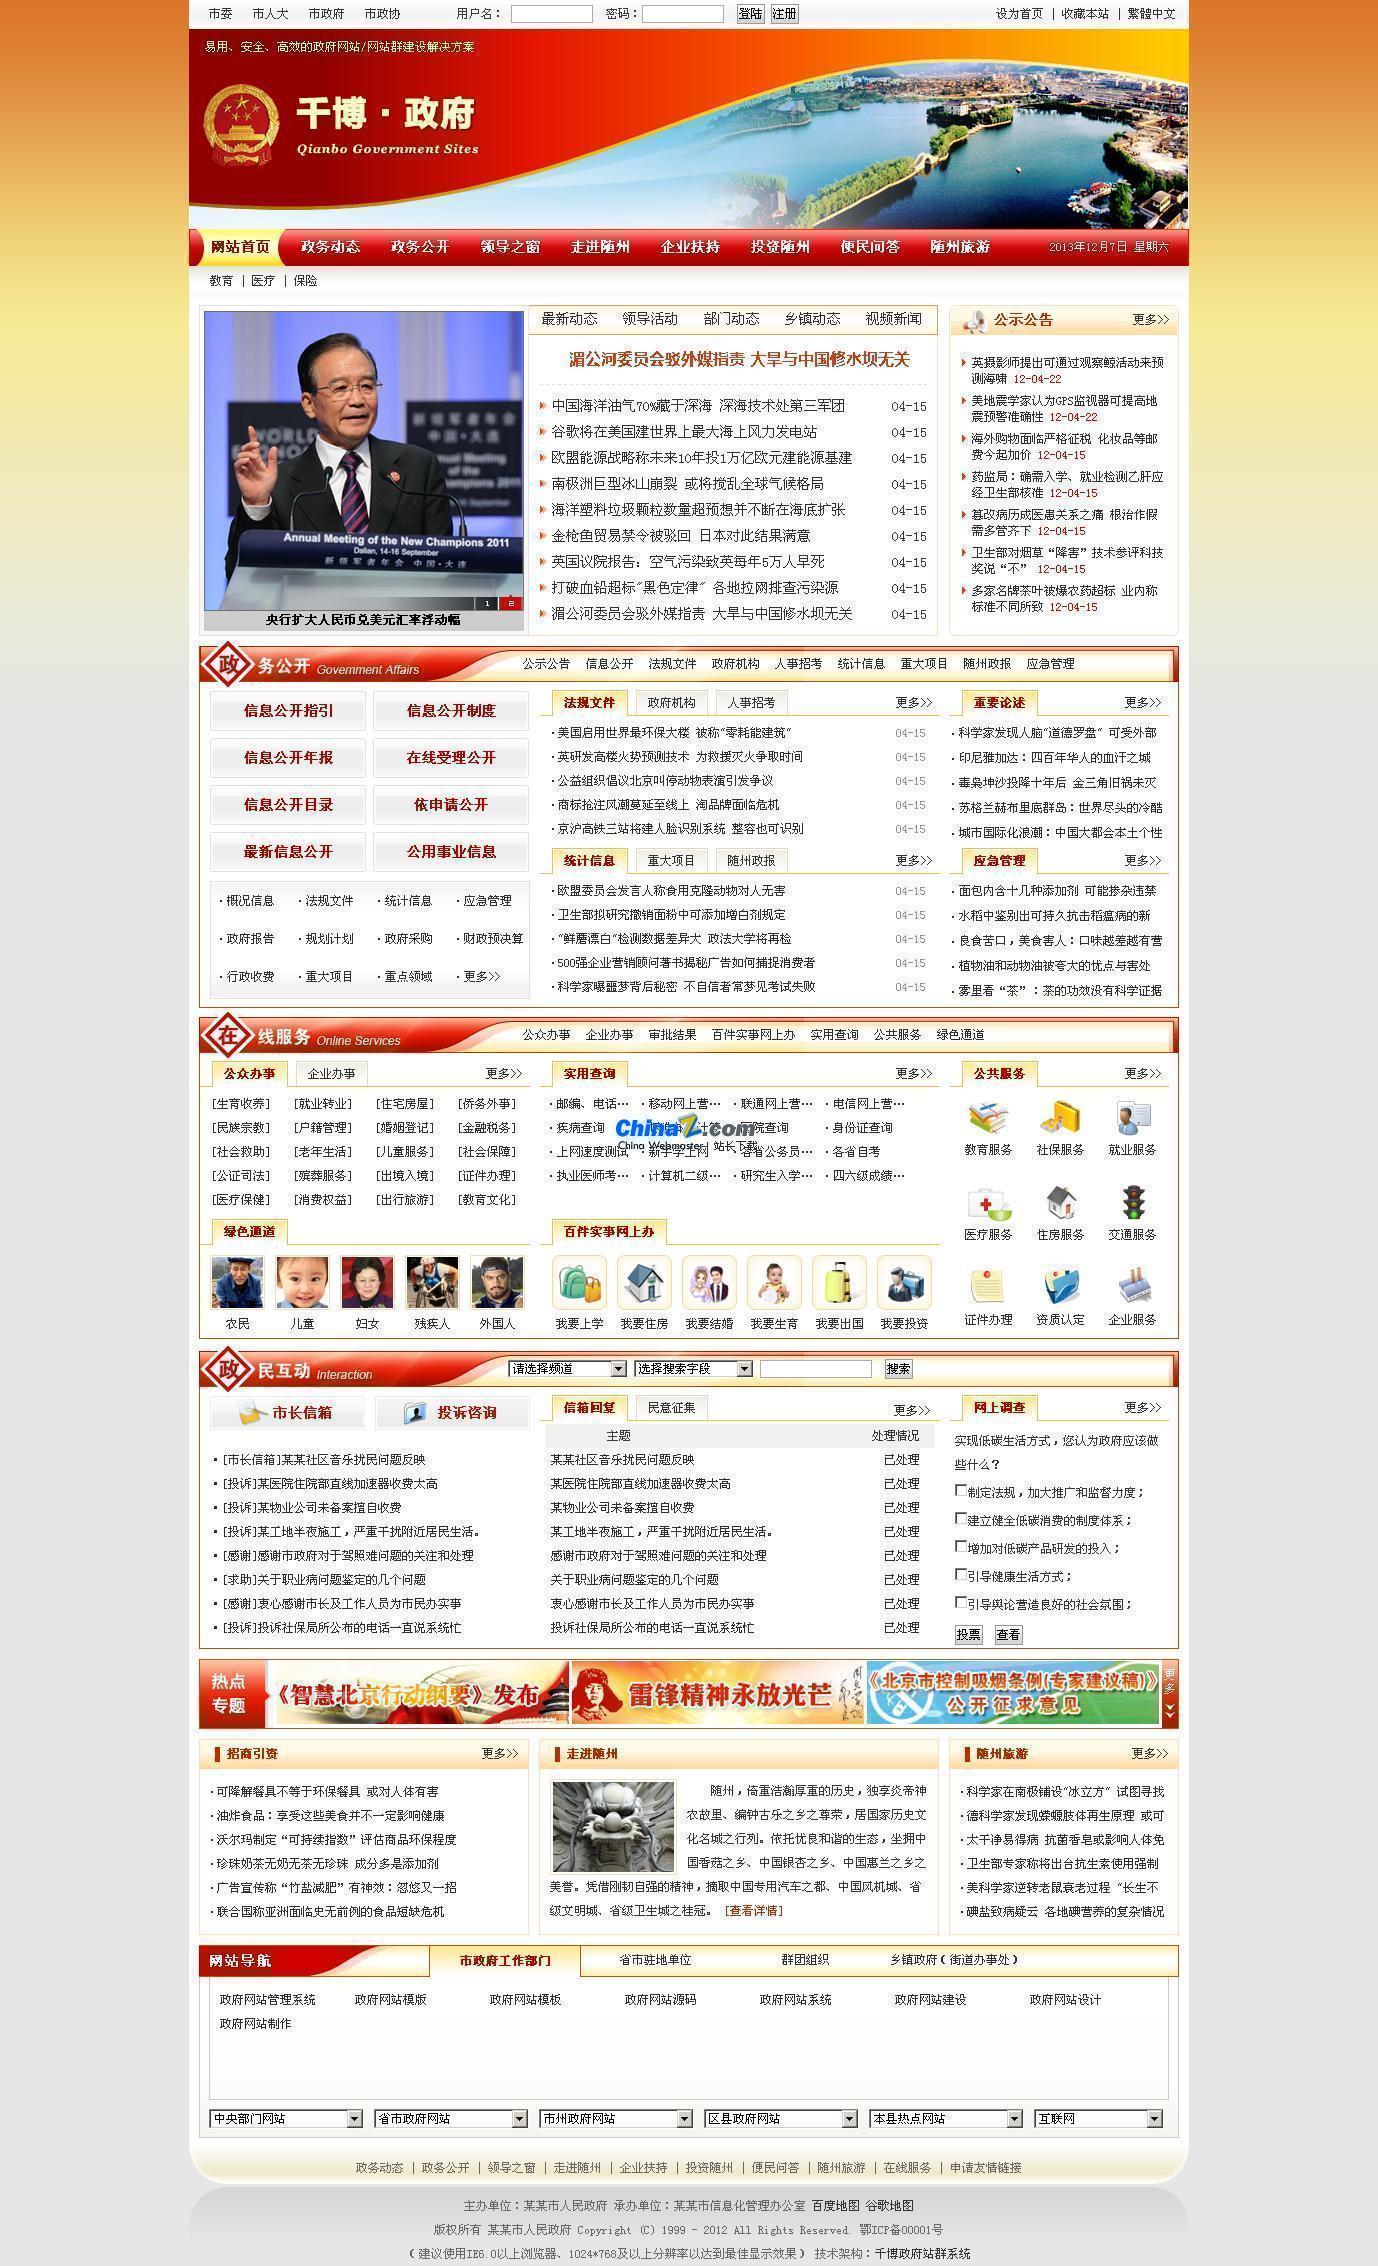 千博政府网站管理系统